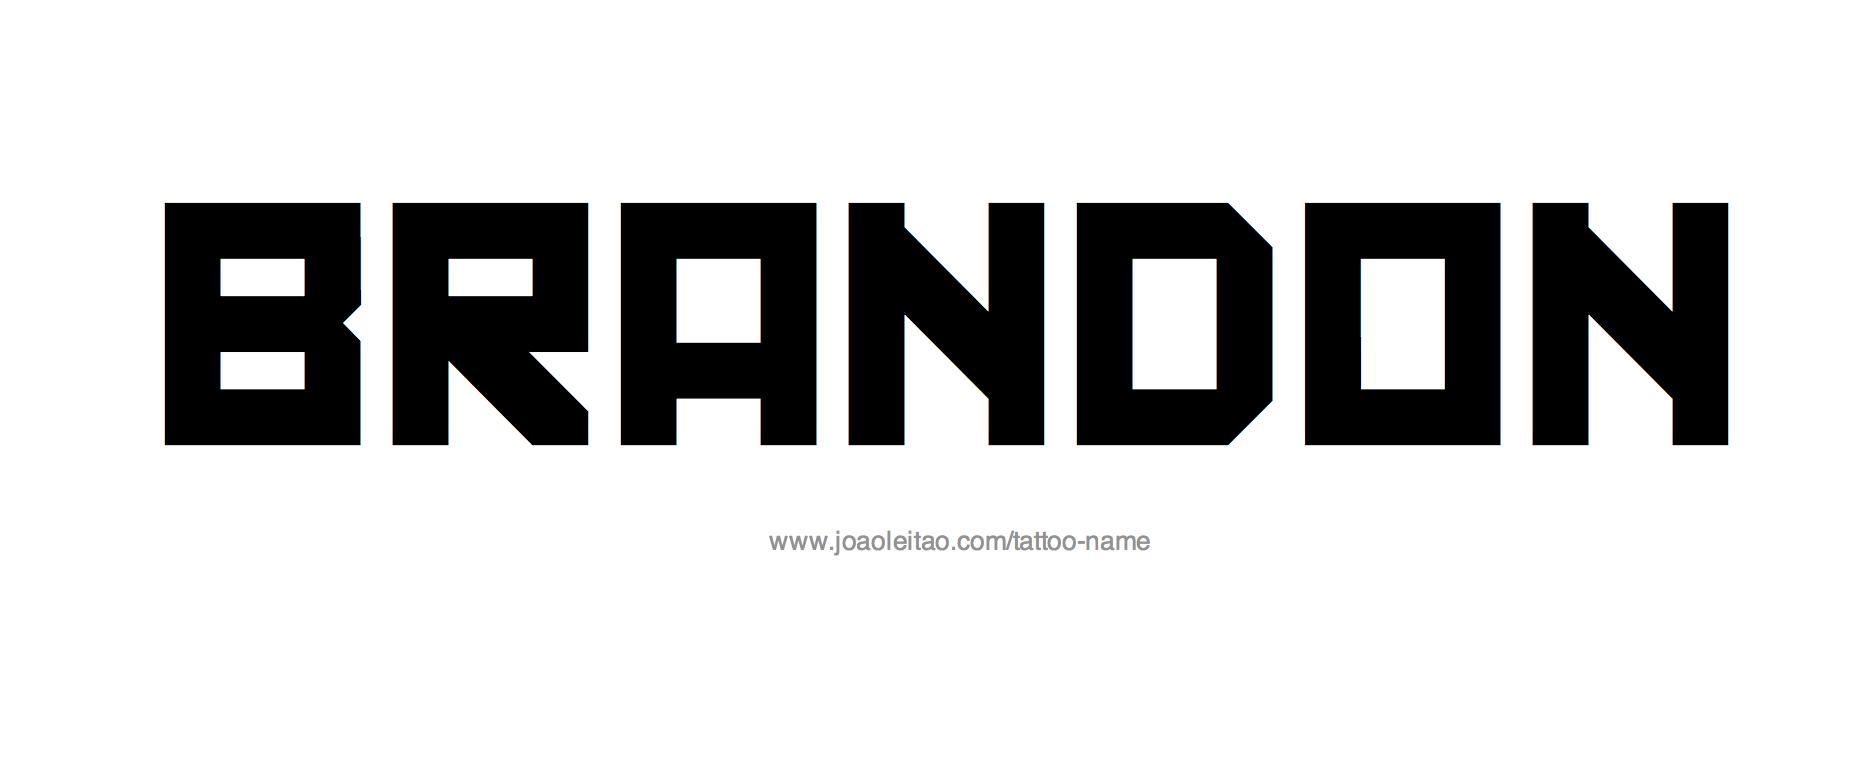 Name: Brandon Name Tattoo Designs